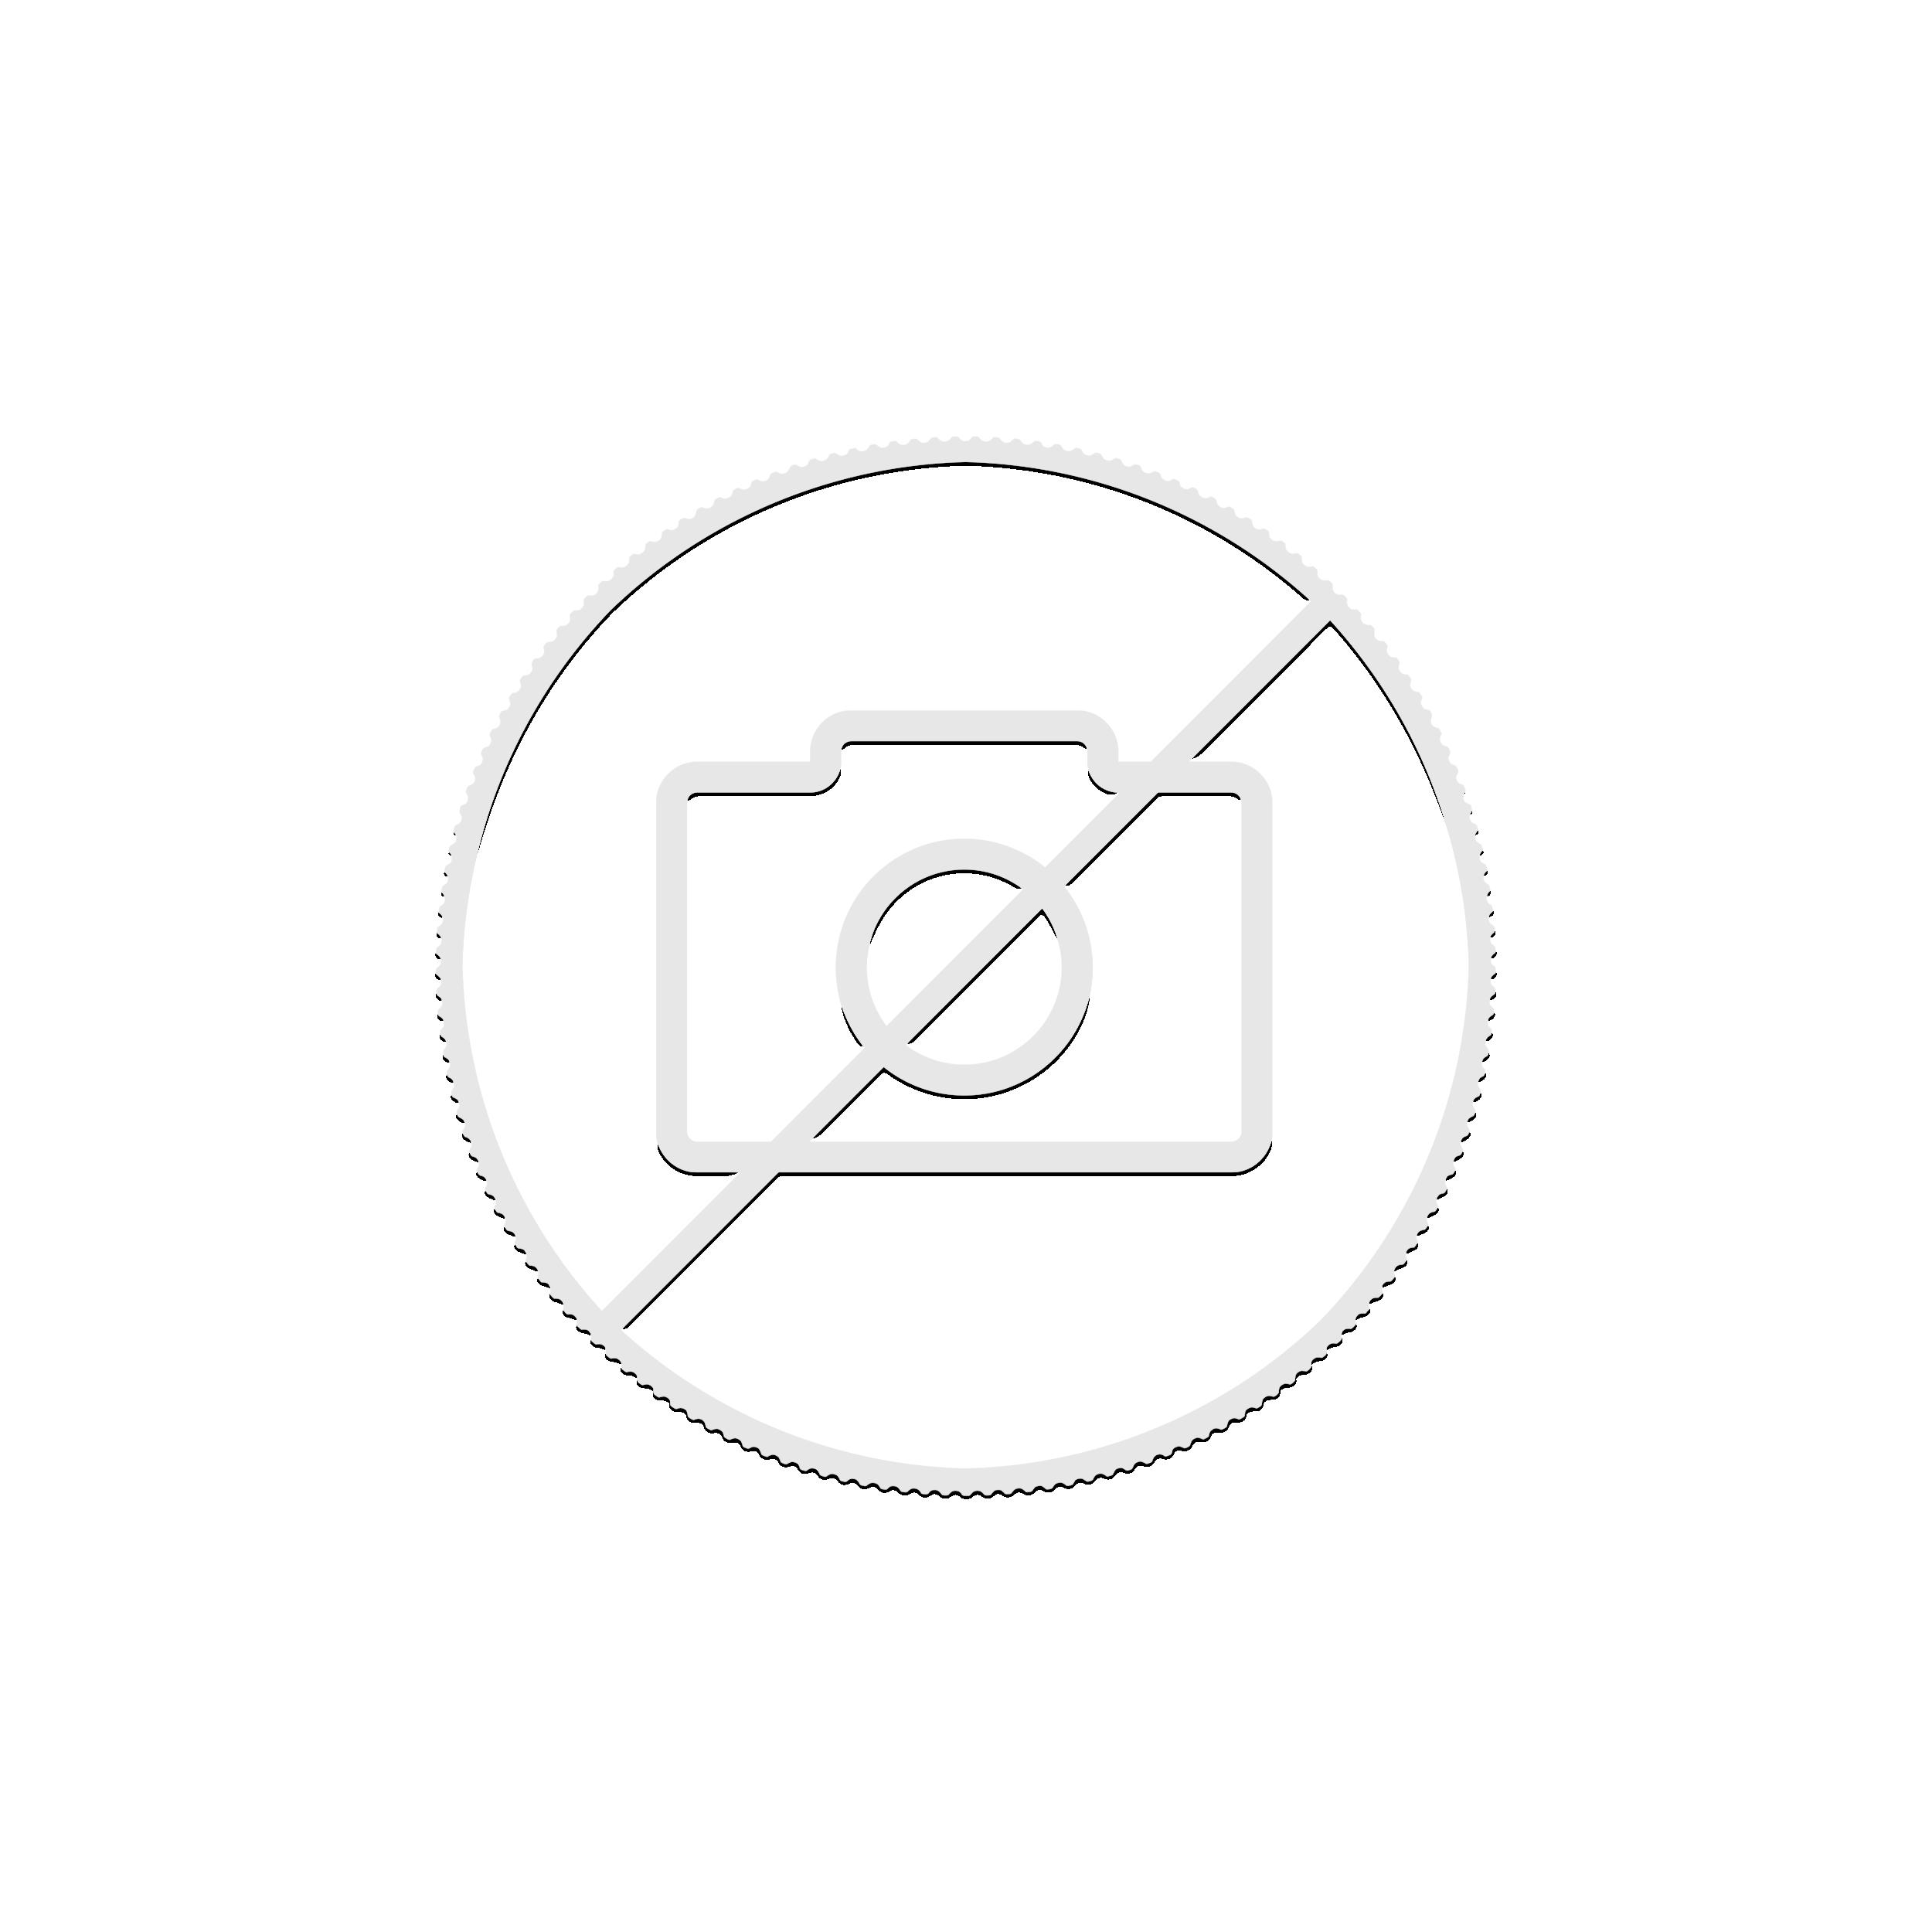 Silverbar 250 gram